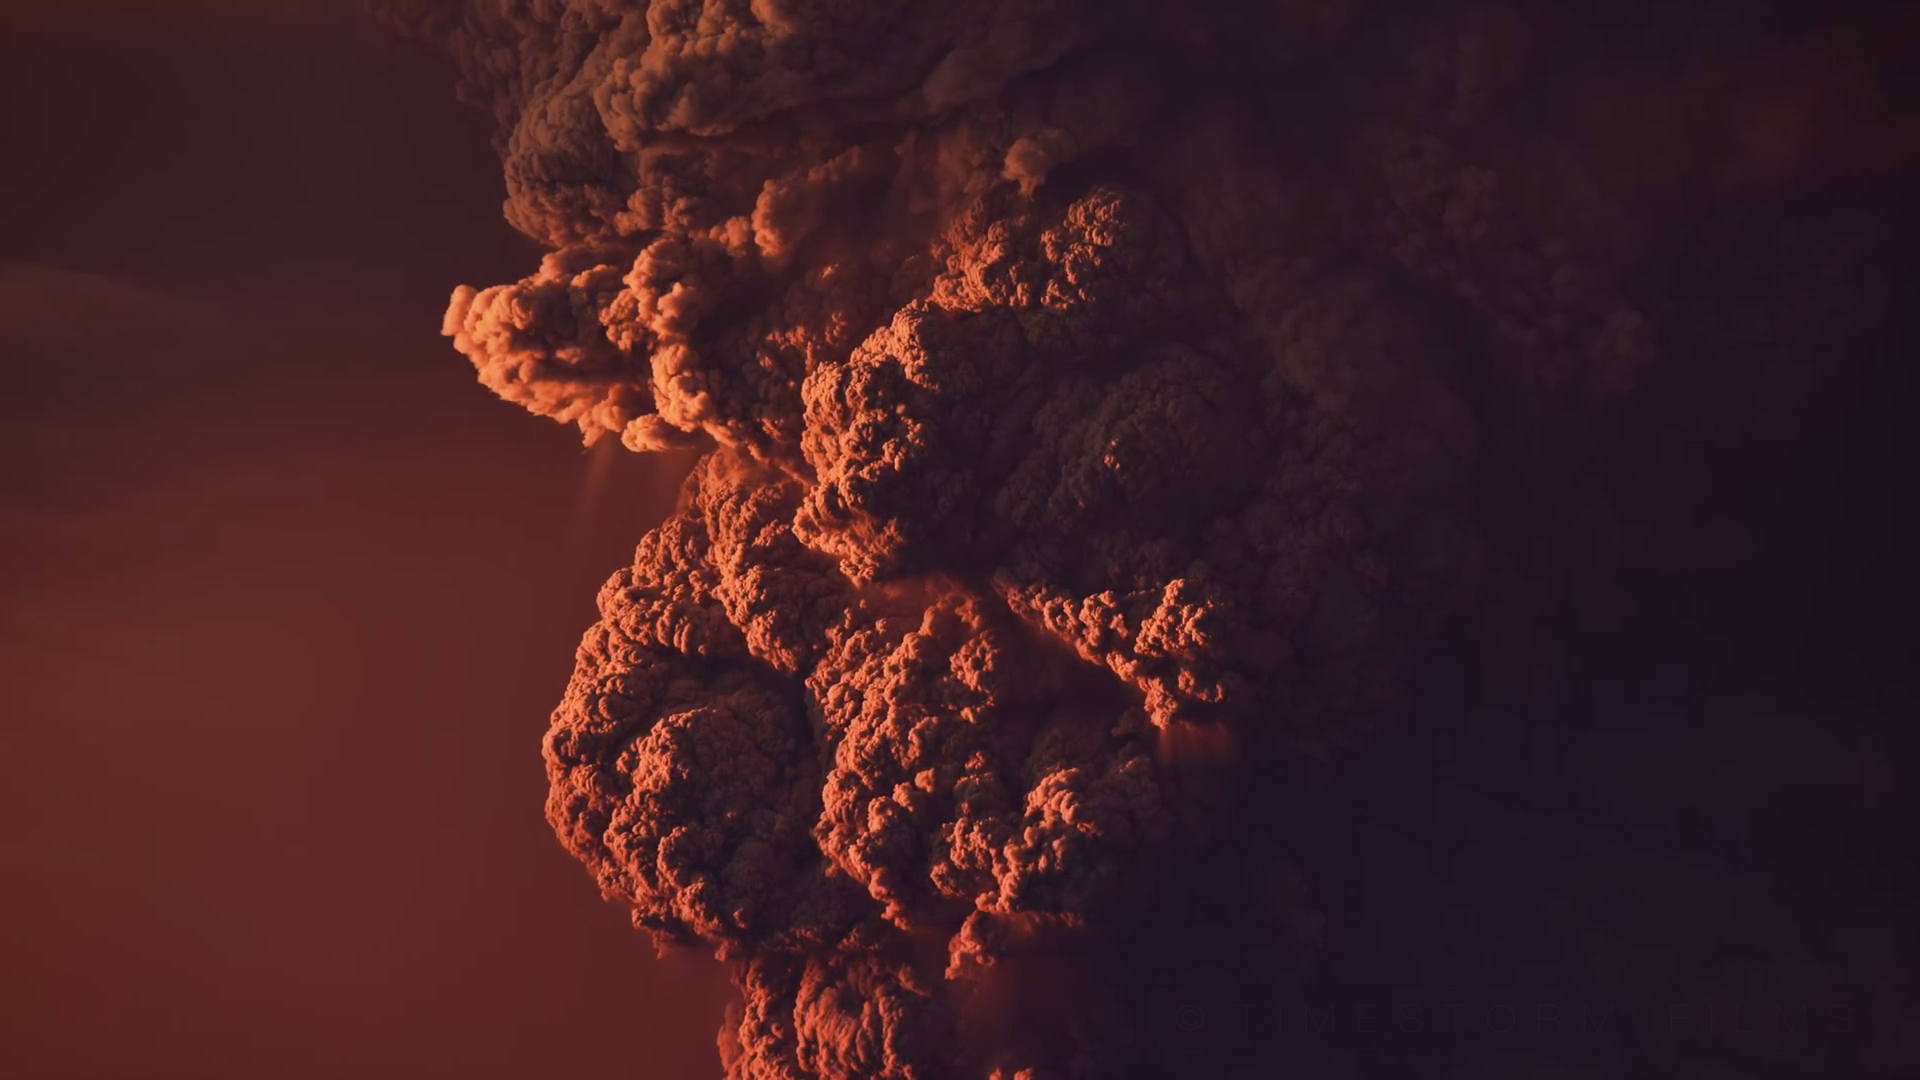 Извержение Кальбуко, Анды, Чили.>> 22 апреля 2015 года